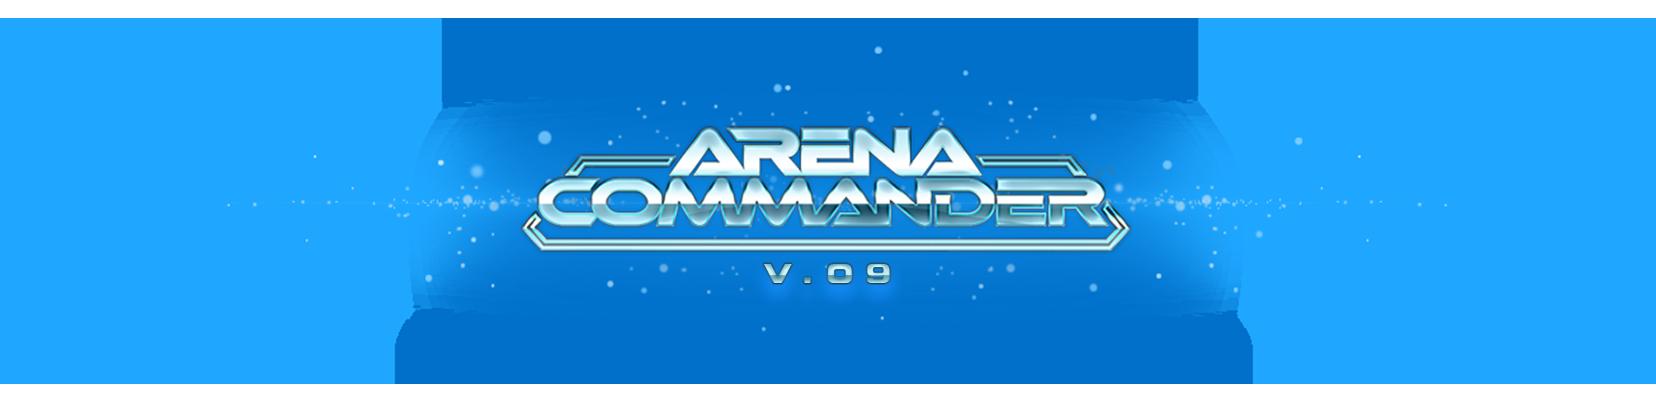 Arena_Commander_logo.png